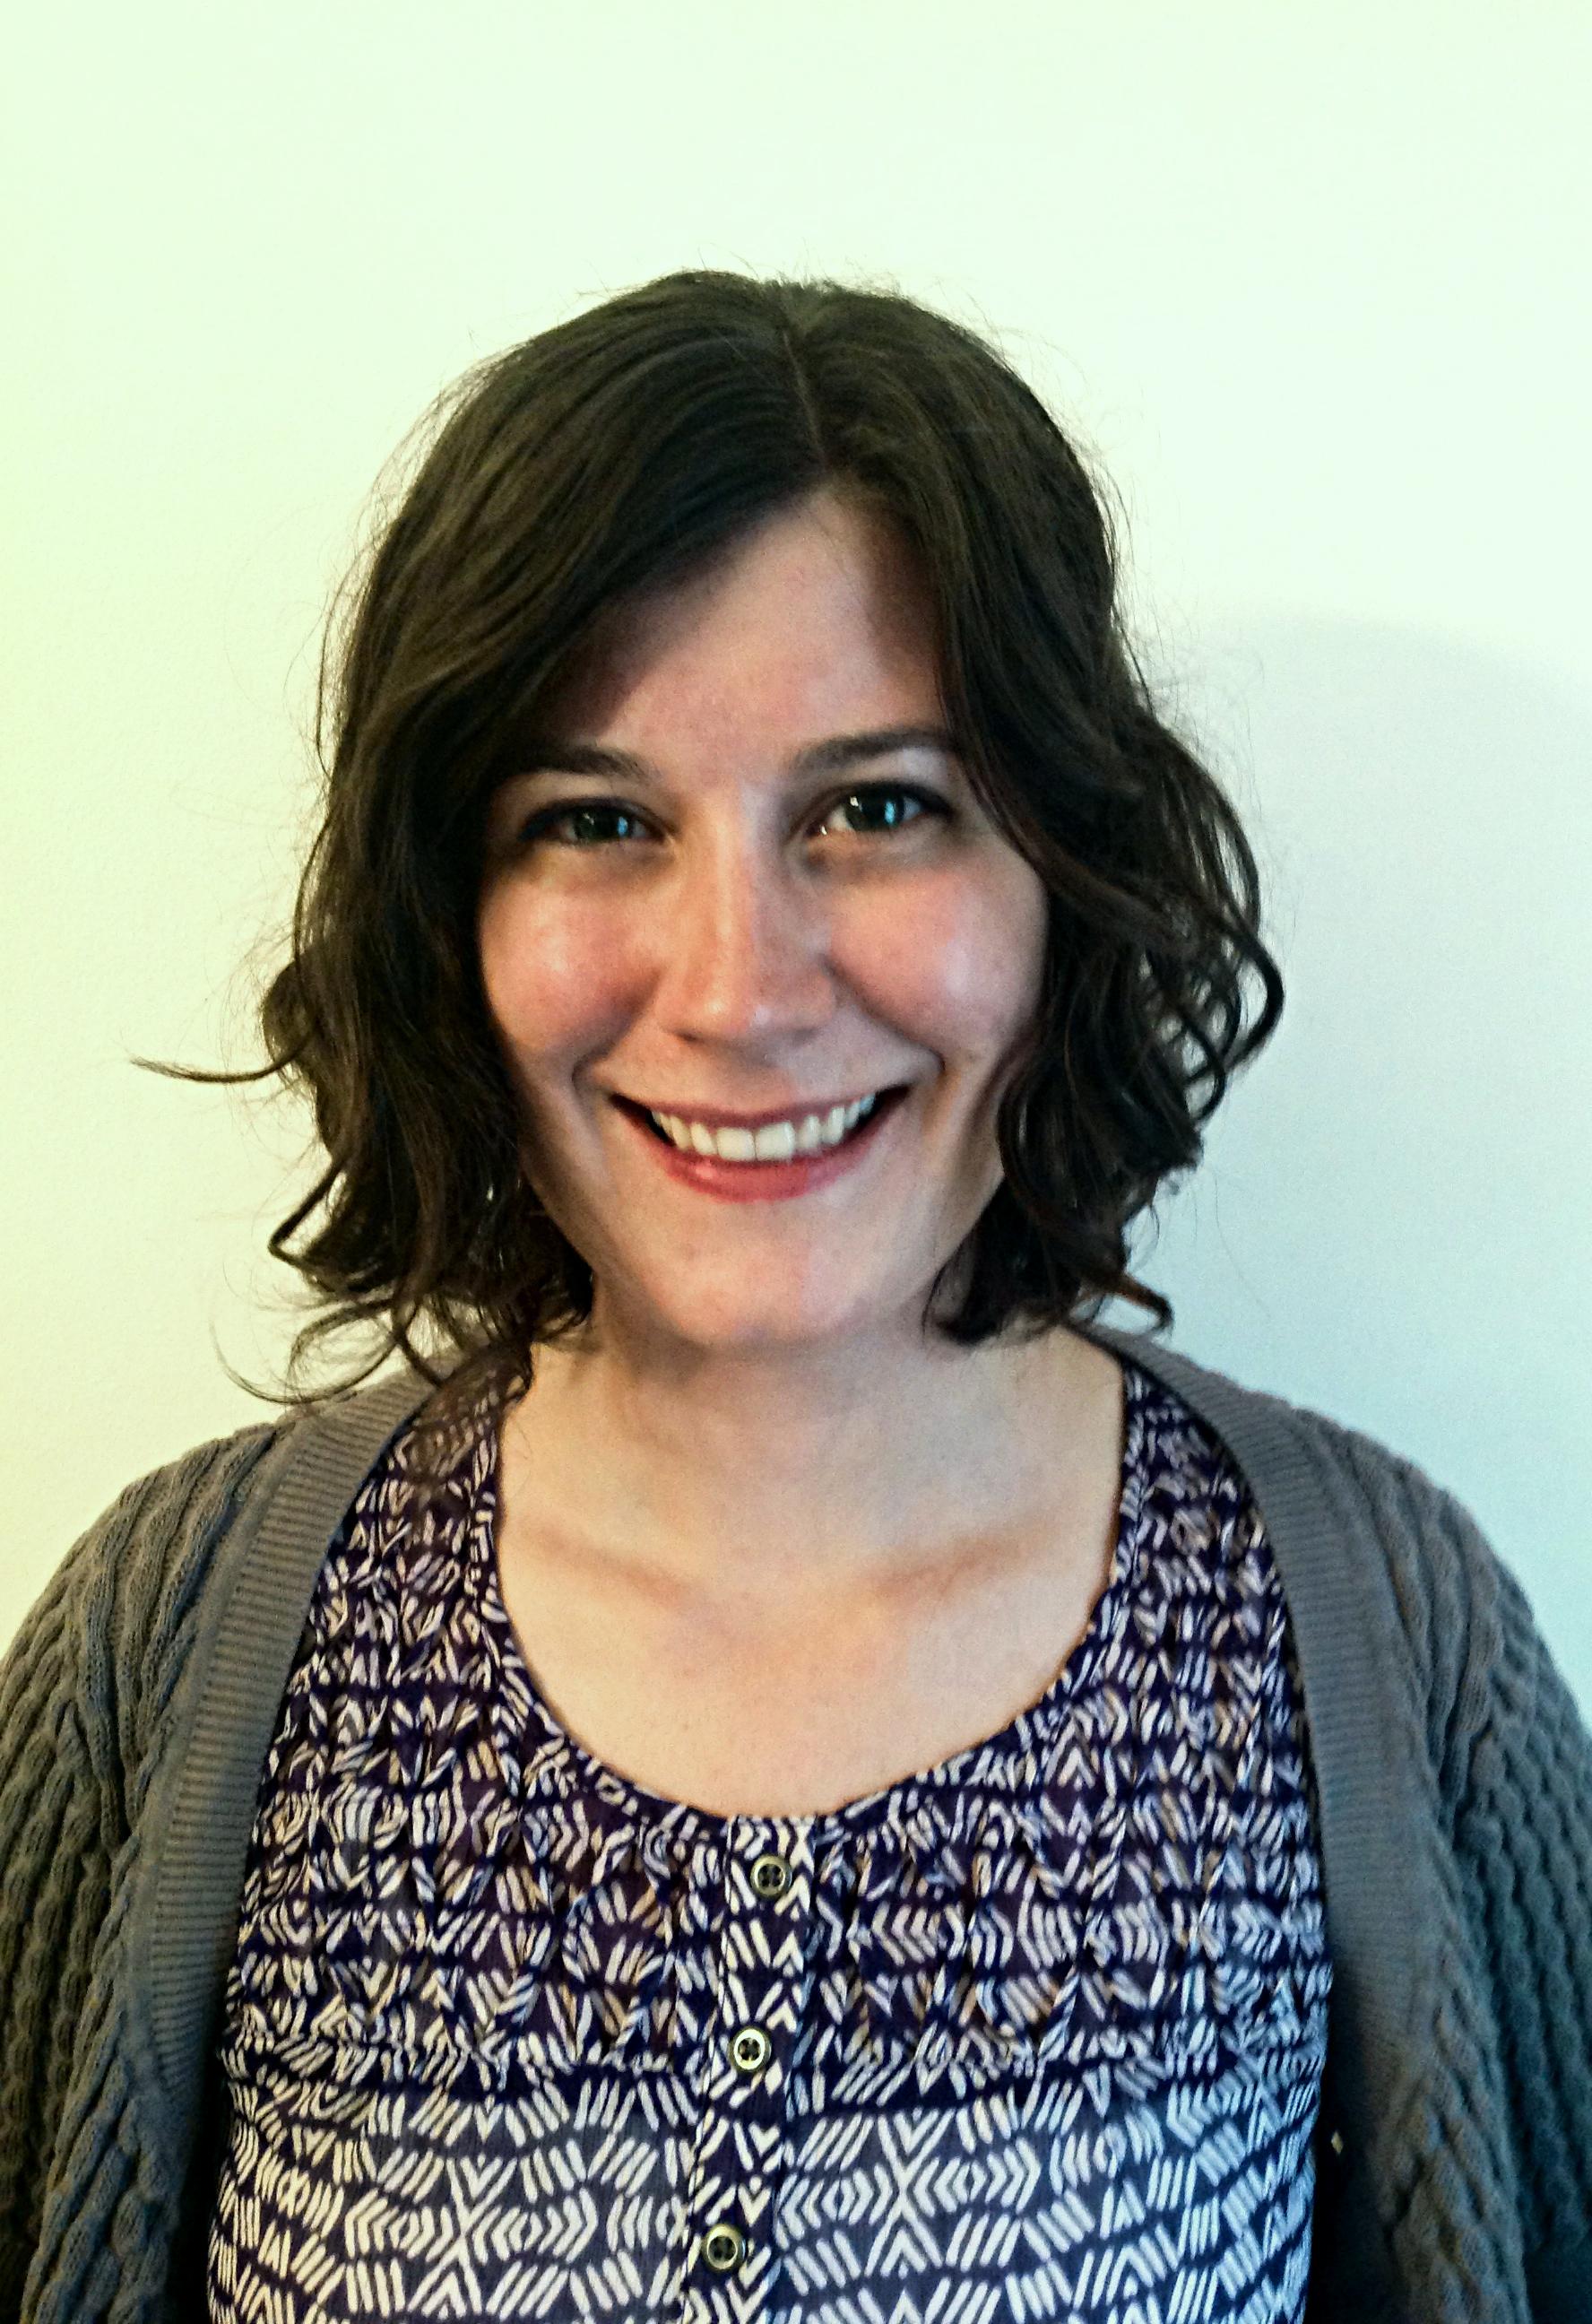 Session Presenter Katie O'Kane